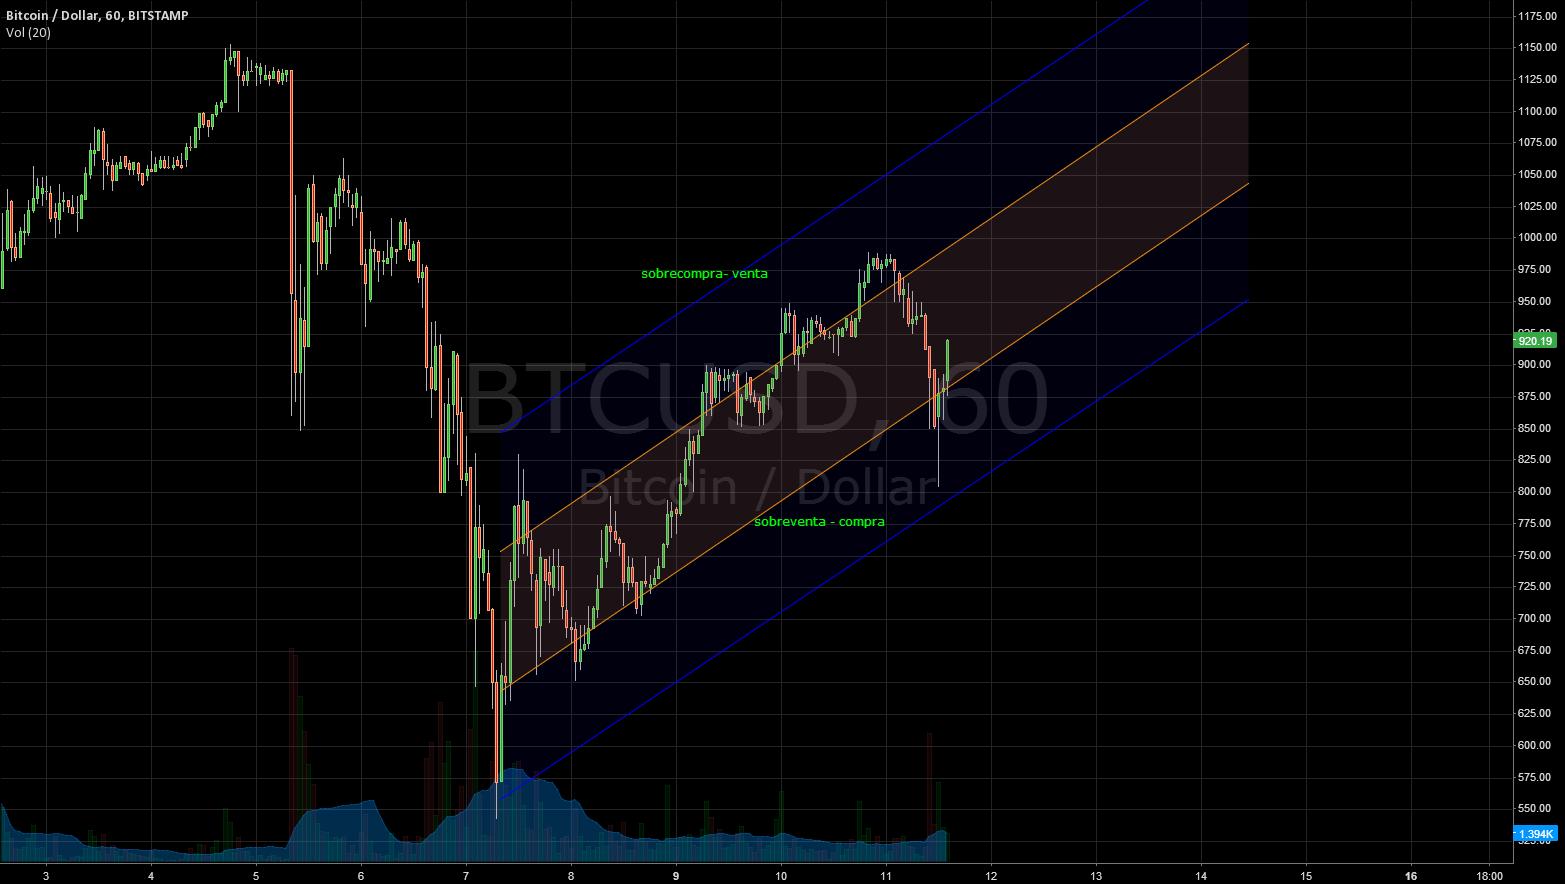 Market channel